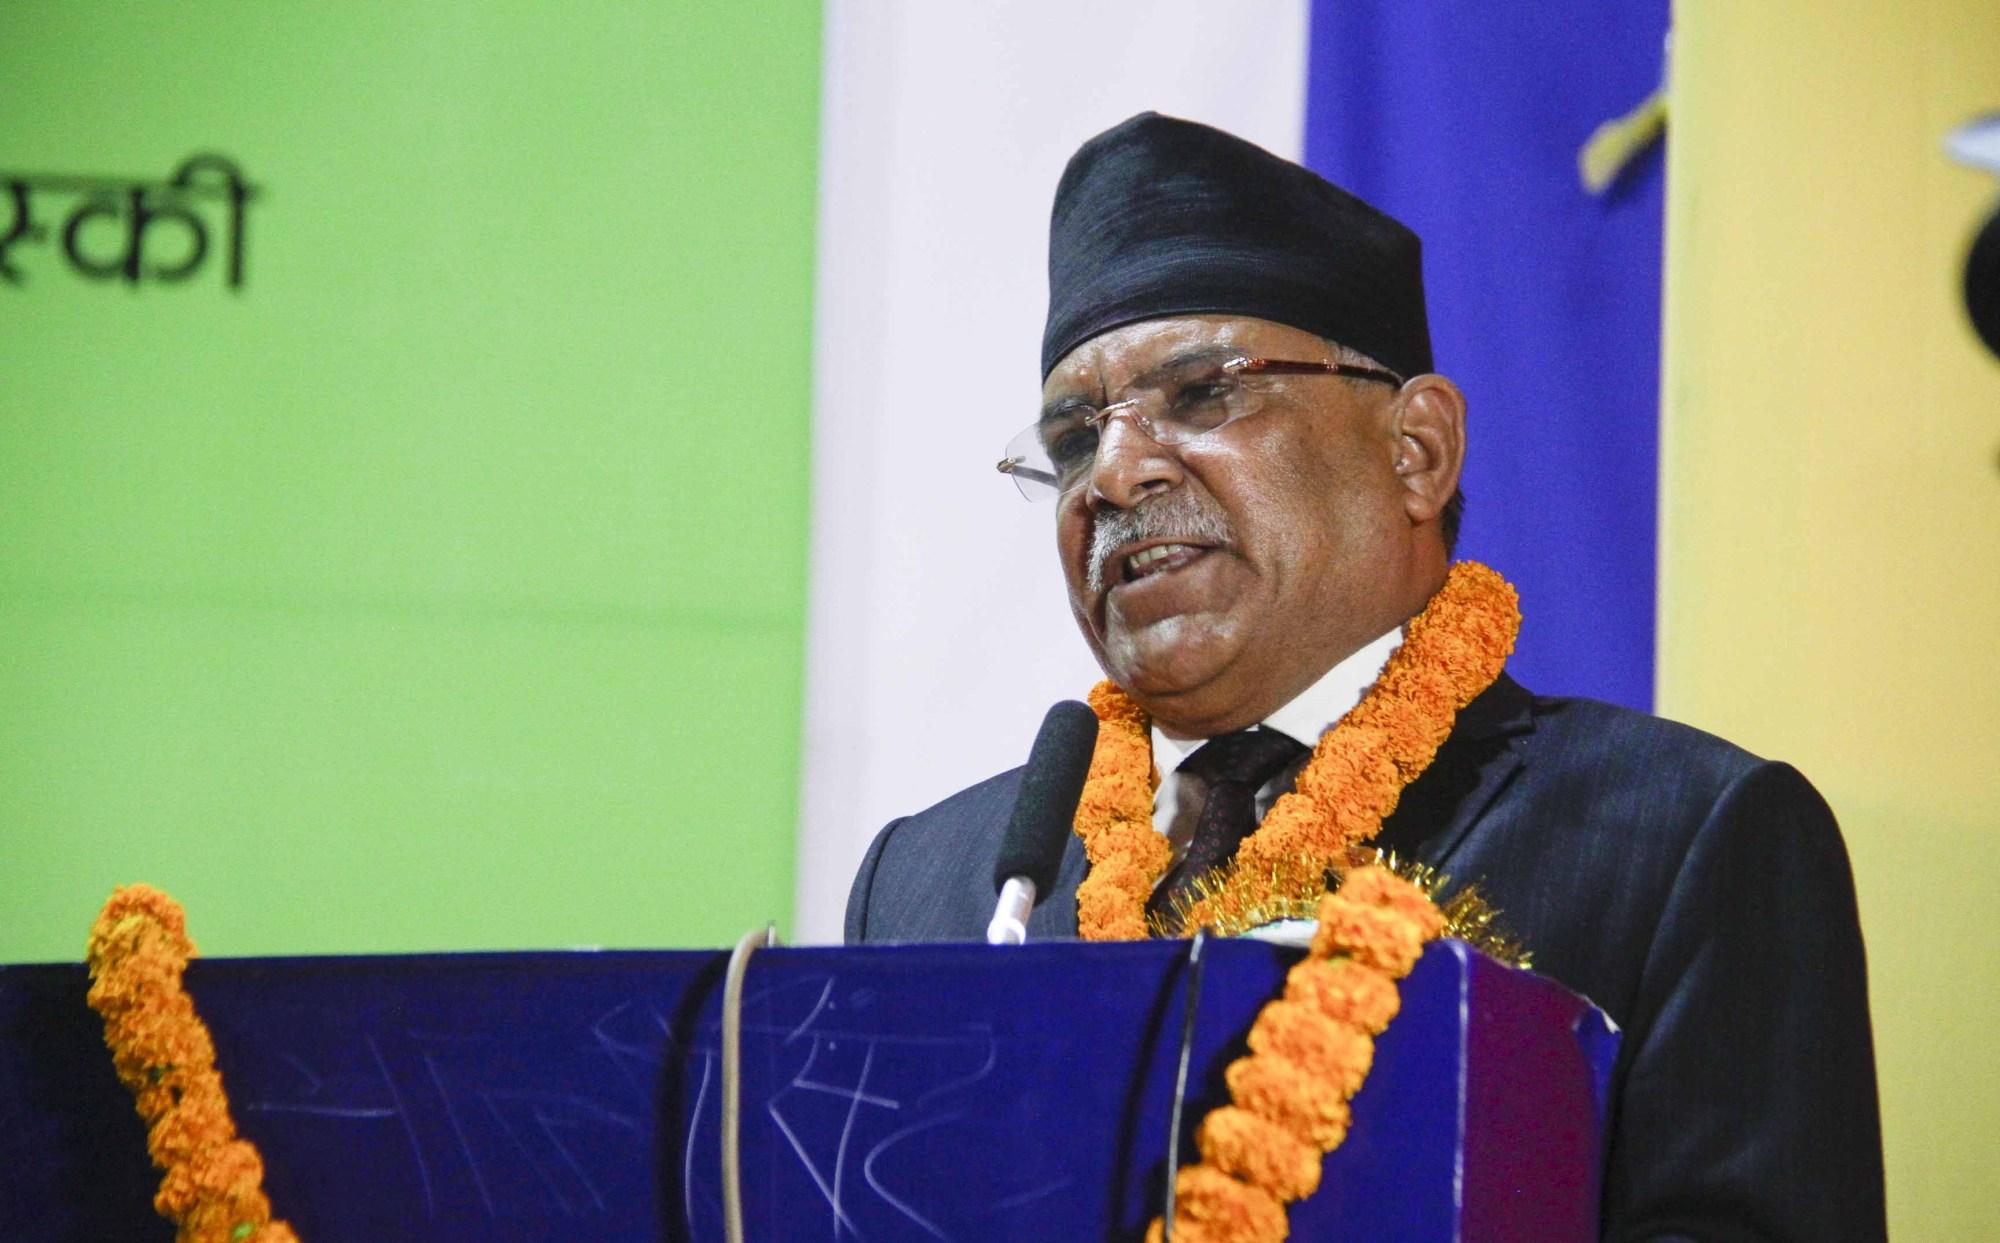 प्रचण्डको खुलासाः ओलीलाई प्रधानमन्त्री, अध्यक्ष र दल नेताबाट हटाउने तयारी थियो